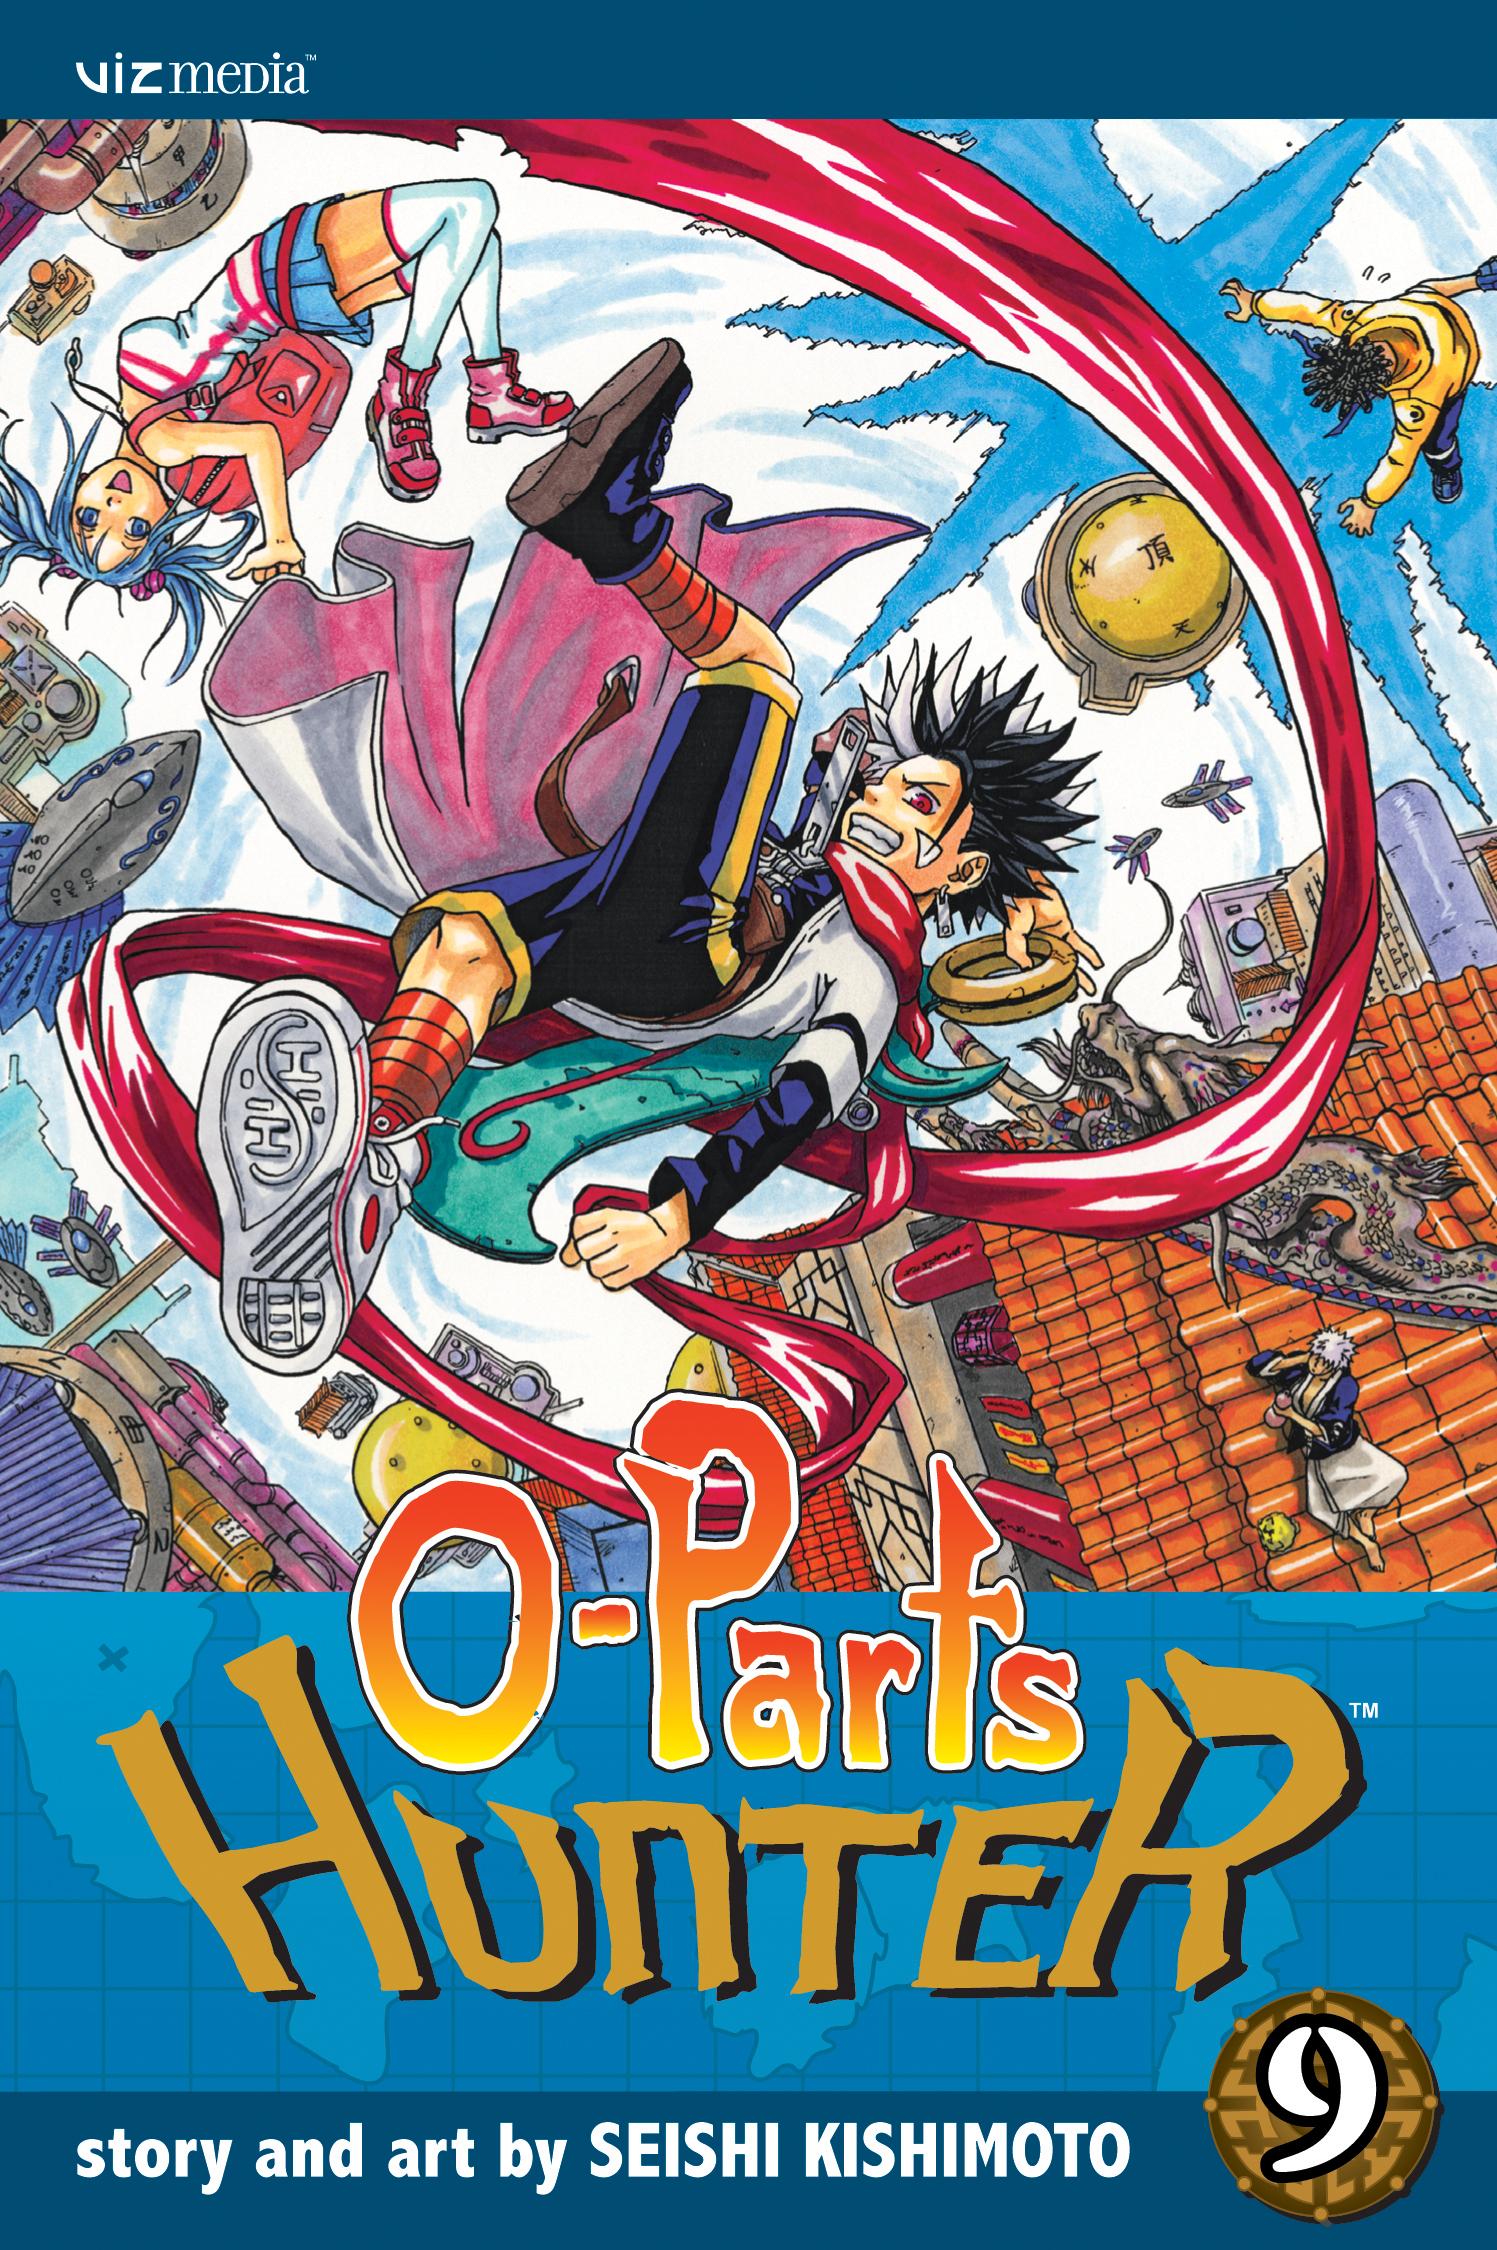 O-Parts Hunter, Vol  9 | Book by Seishi Kishimoto | Official